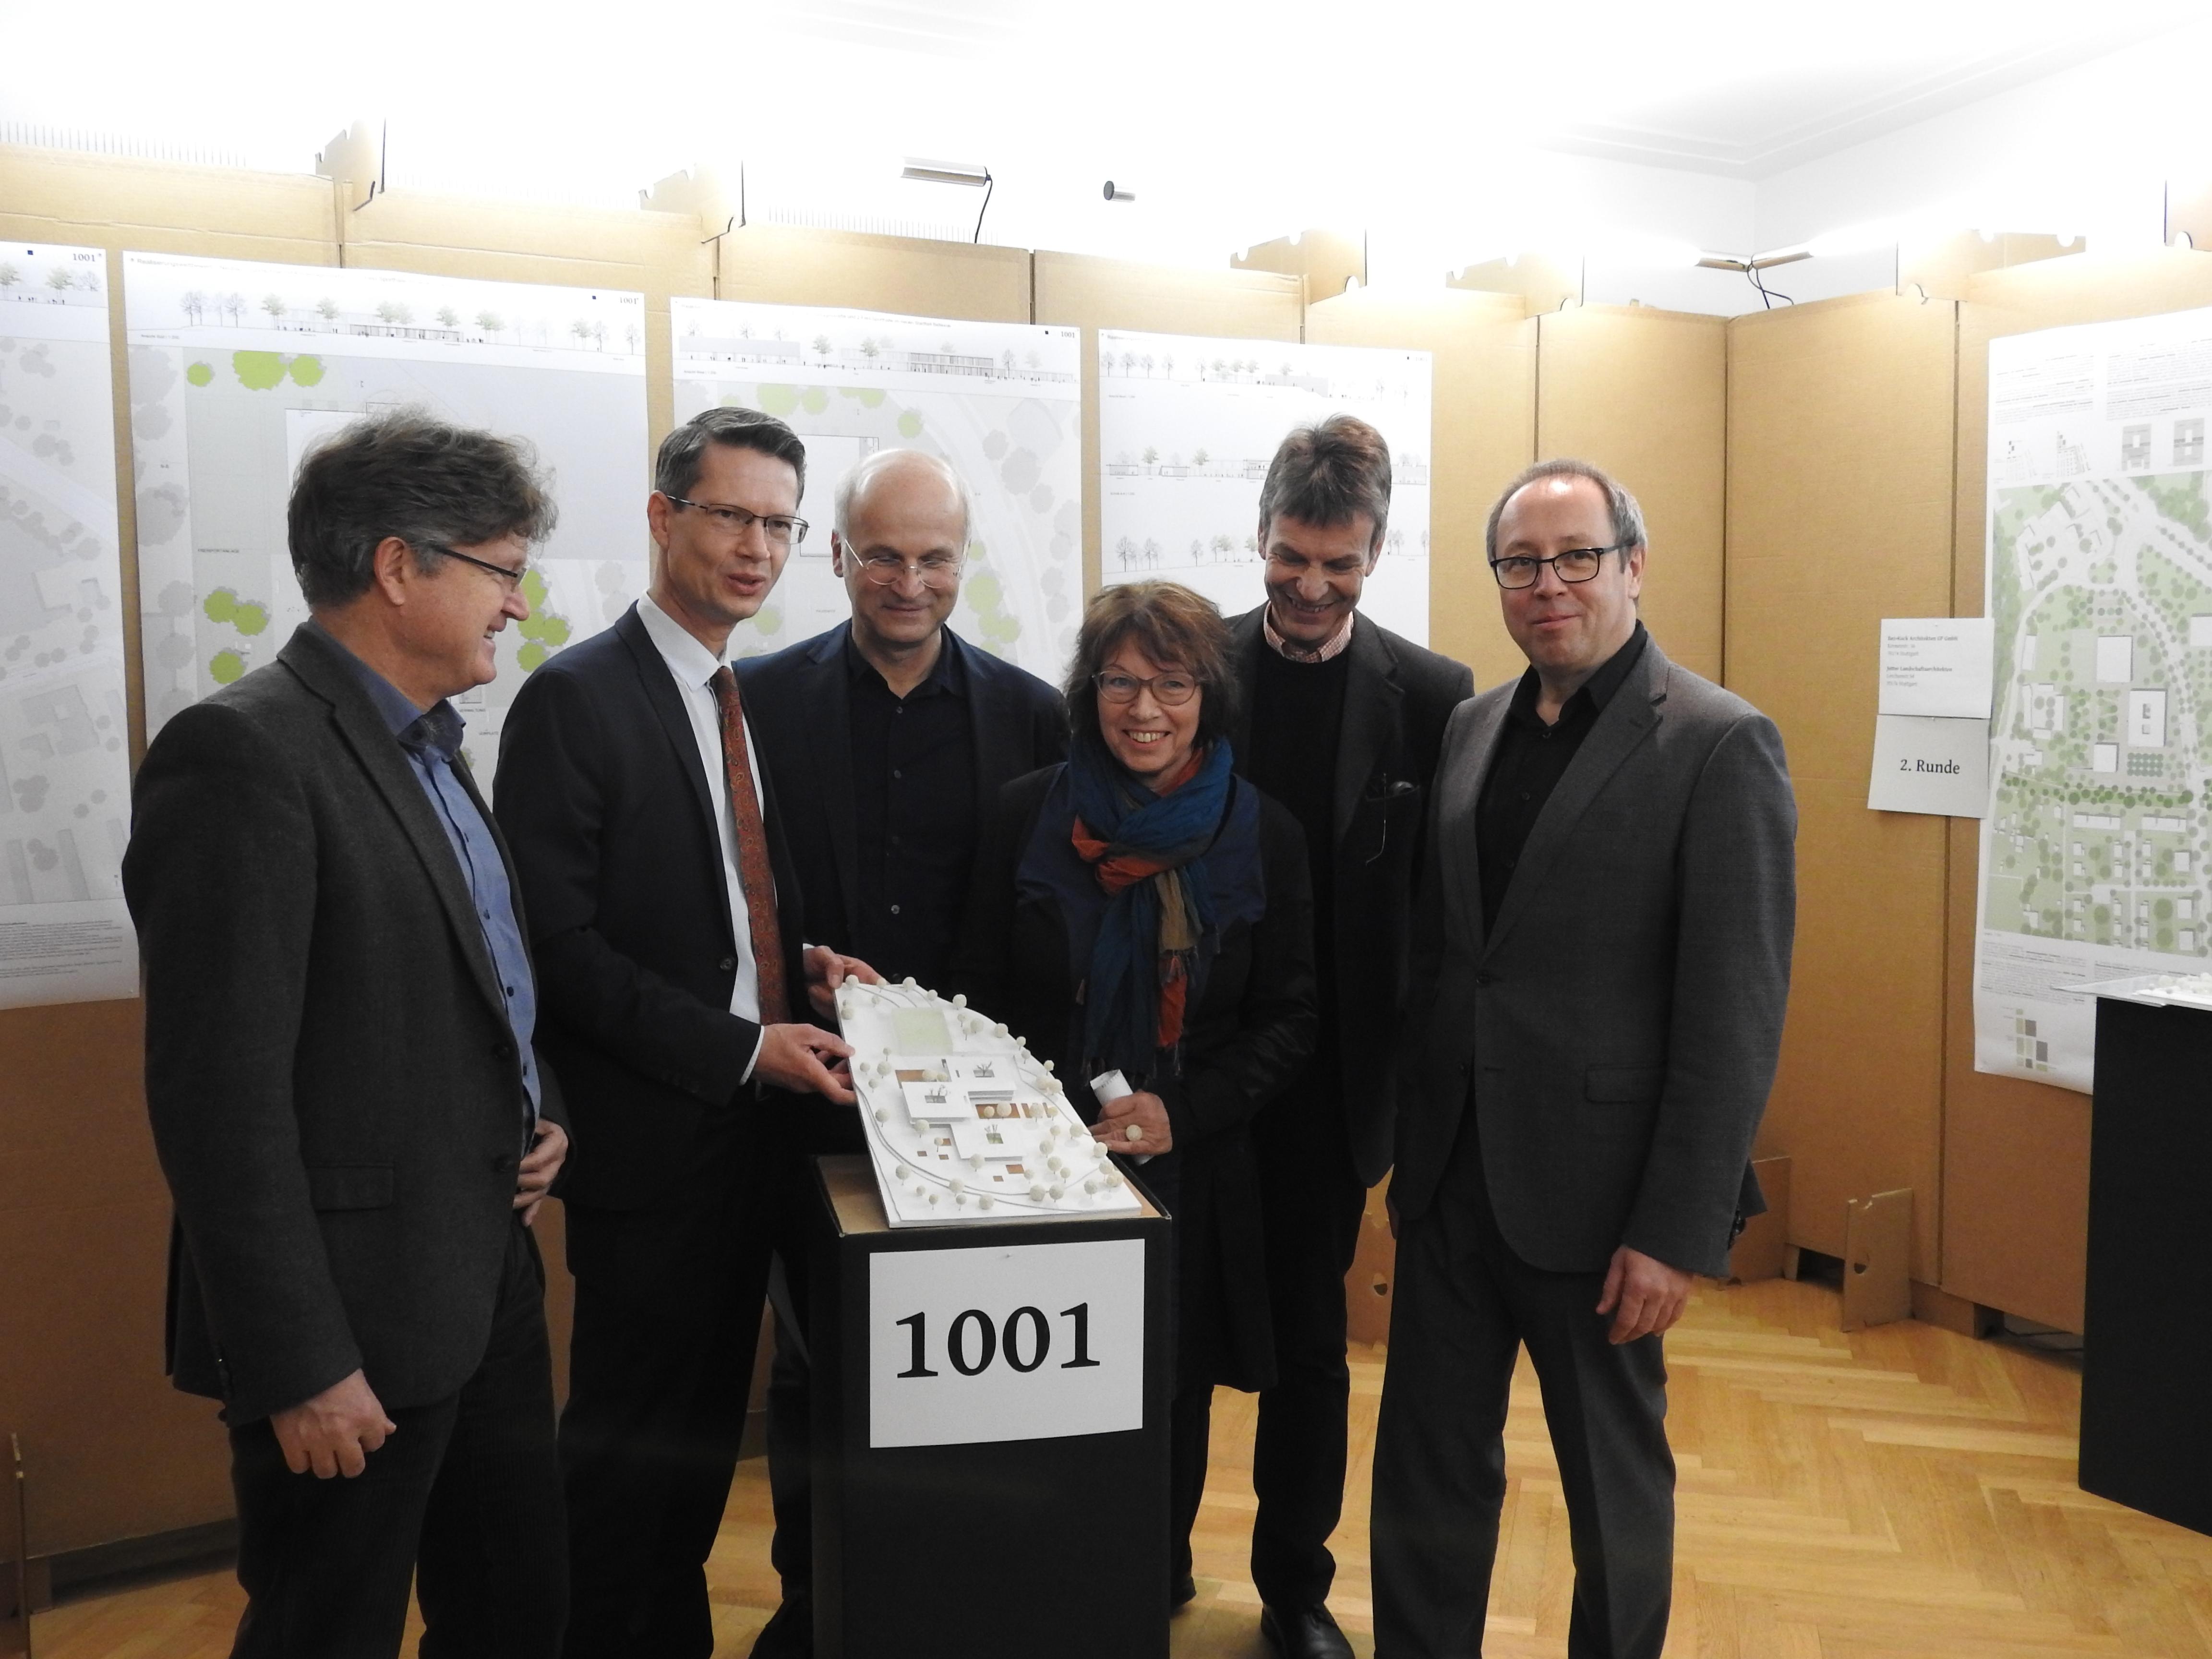 OB Remelé mit dem Gewinnerteam aus Darmstadt. Foto: Dirk Flieger